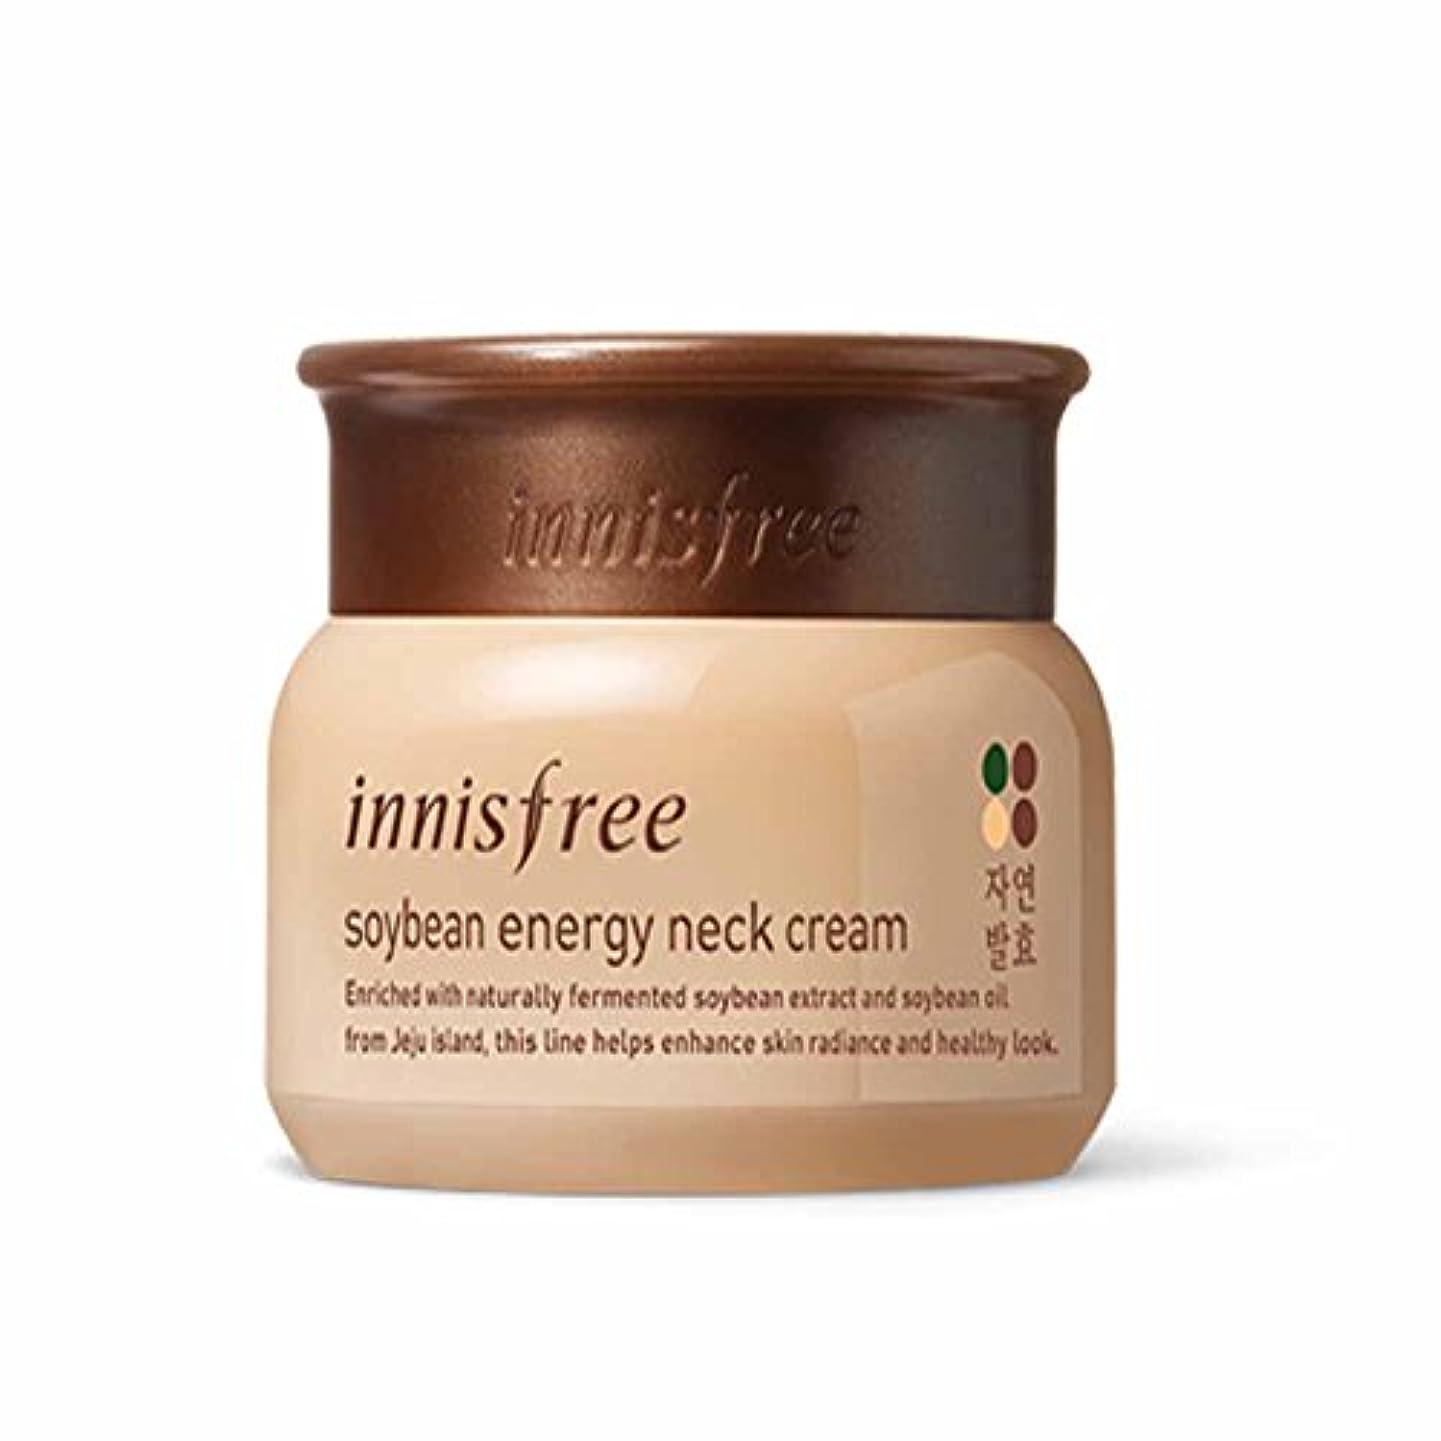 プロトタイプ細心の偏見イニスフリーソーイングエナジーネッククリーム80ml / Innisfree Soybean Energy Neck Cream 80ml[海外直送品] [並行輸入品]